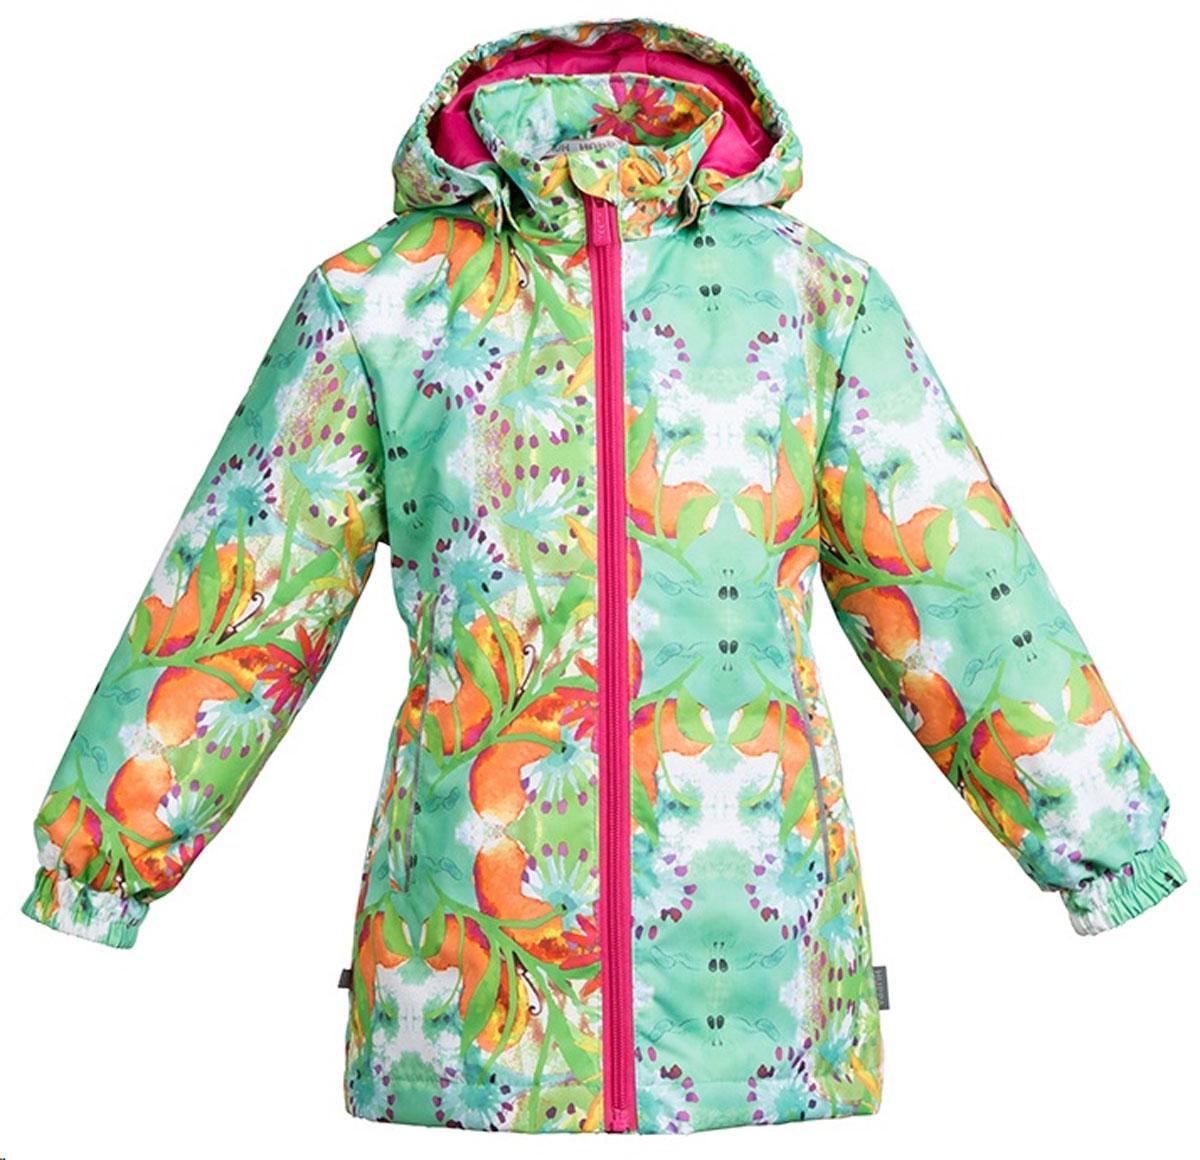 Куртка для девочки Huppa June 1, цвет: светло-зеленый. 17880104-81227. Размер 12817880104-81227Демисезонная куртка для девочек June 1. Мембранная ткань отличается высокими водо- и ветронепроницаемыми качествами. Куртка с утеплителем 40 г подходит для ношения при температуре воздуха от +5 до +15°С. Мягкая подкладка из флиса сохраняет тепло тела. Воротник-стойка, застежка на молнию. Капюшон отстегивается. По бокам он укреплен резинкой для лучшей защиты головы и ушей от ветра и дождя. Манжеты с двойной резинкой. Карманы в области талии застегиваются на молнию. На спинке вшит эластичный пояс. Светоотражающие канты и детали служат для безопасности ребенка.